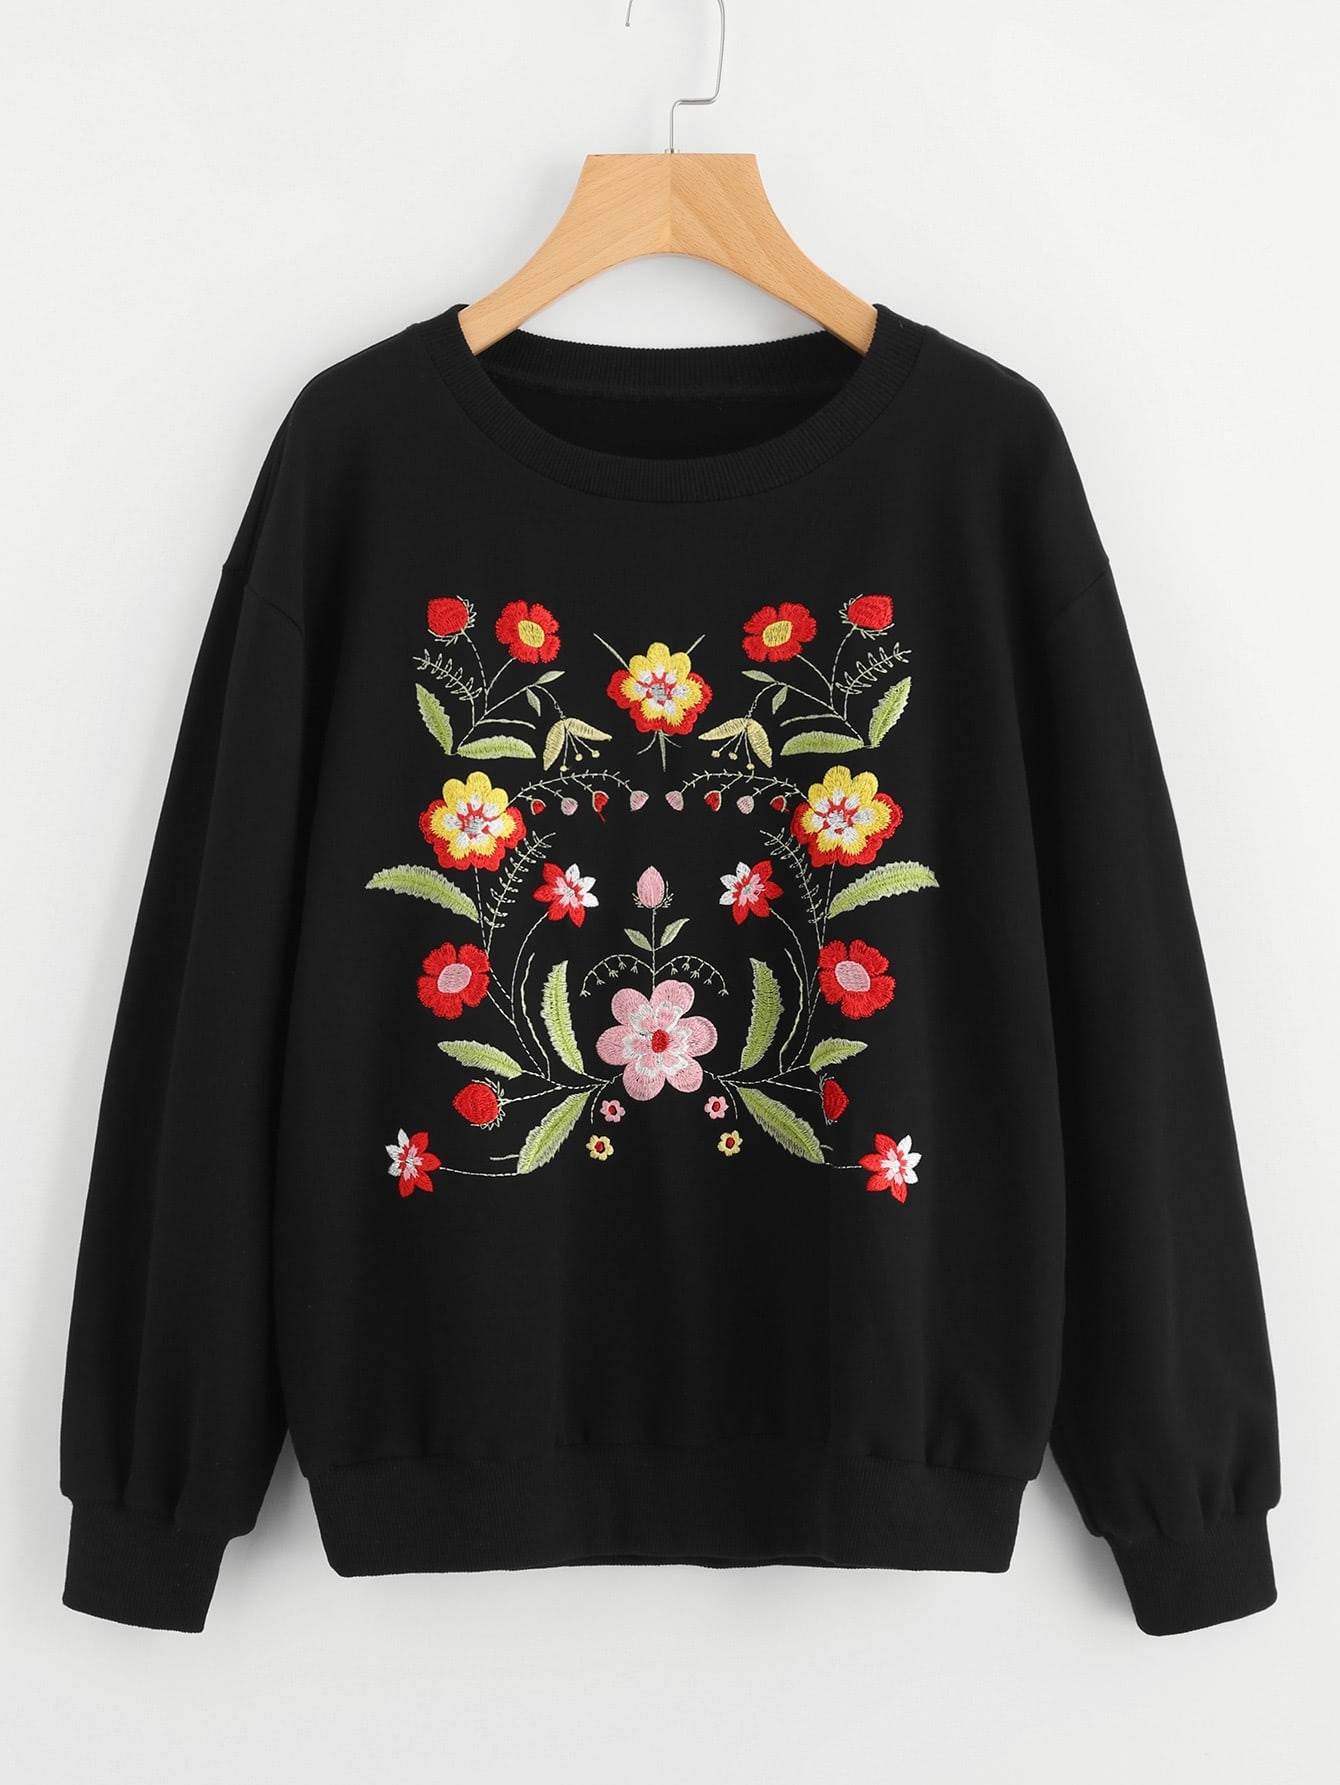 Pullover mit sehr tief angesetzter schulterpartie und symmetrischen Blumen Stickereien